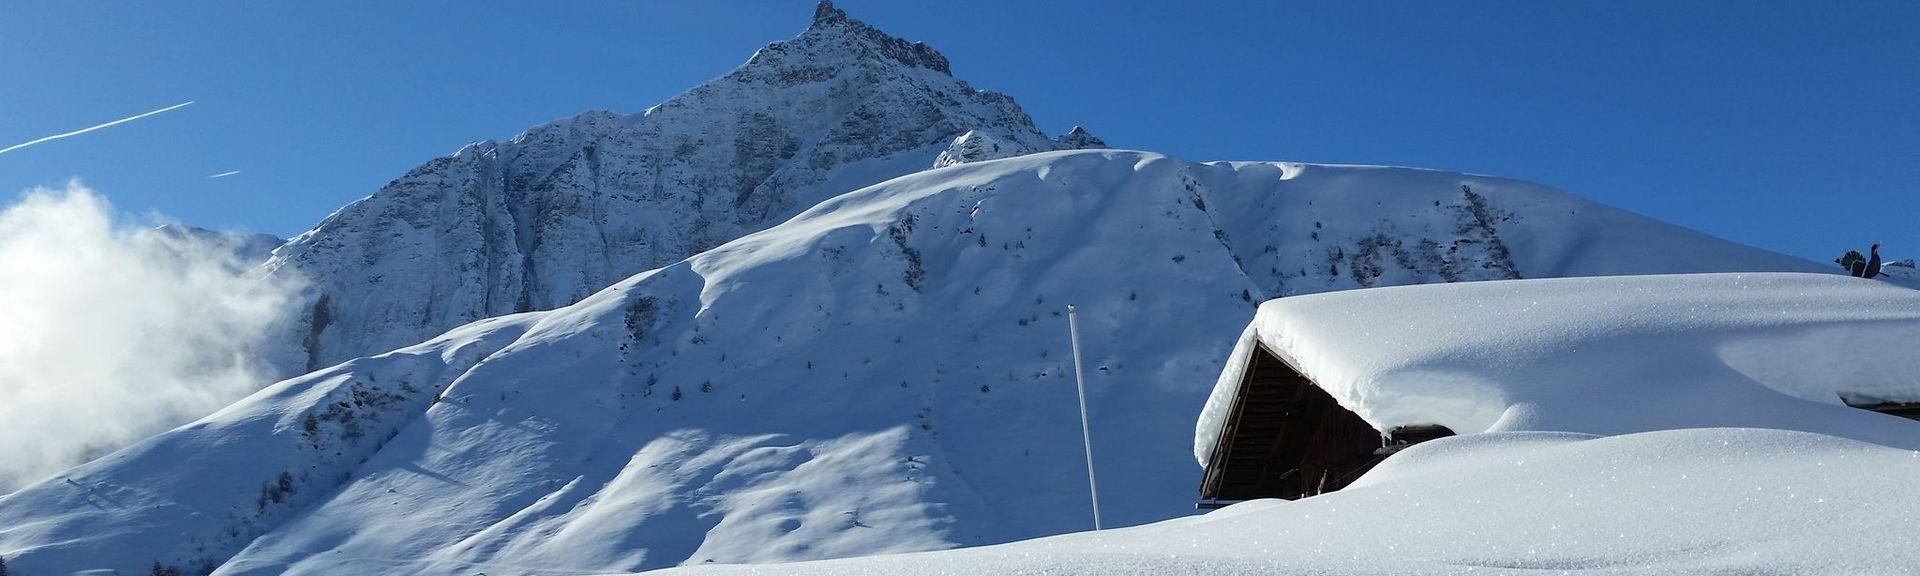 Riom-Parsonz, Switzerland